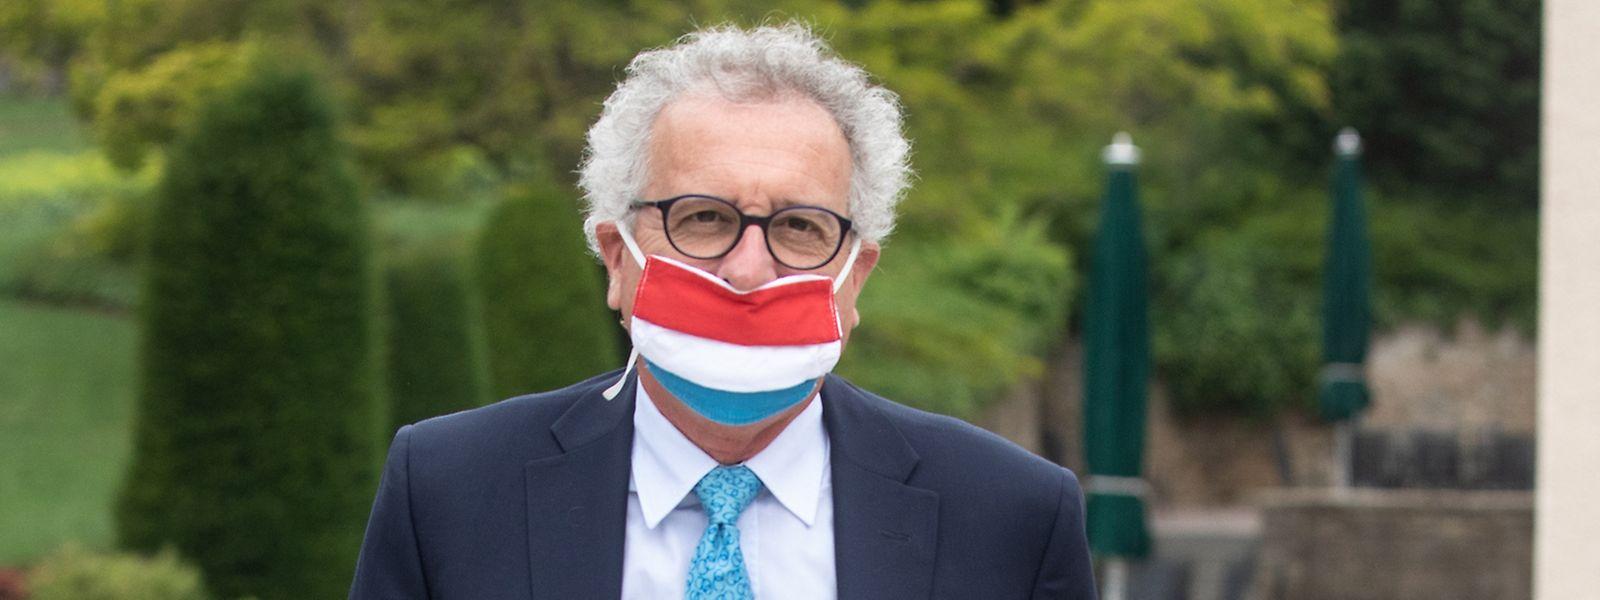 Le ministre des Finances, Pierre Gramegna (DP), doit revoir sa copie pour le budget 2020 du Luxembourg.